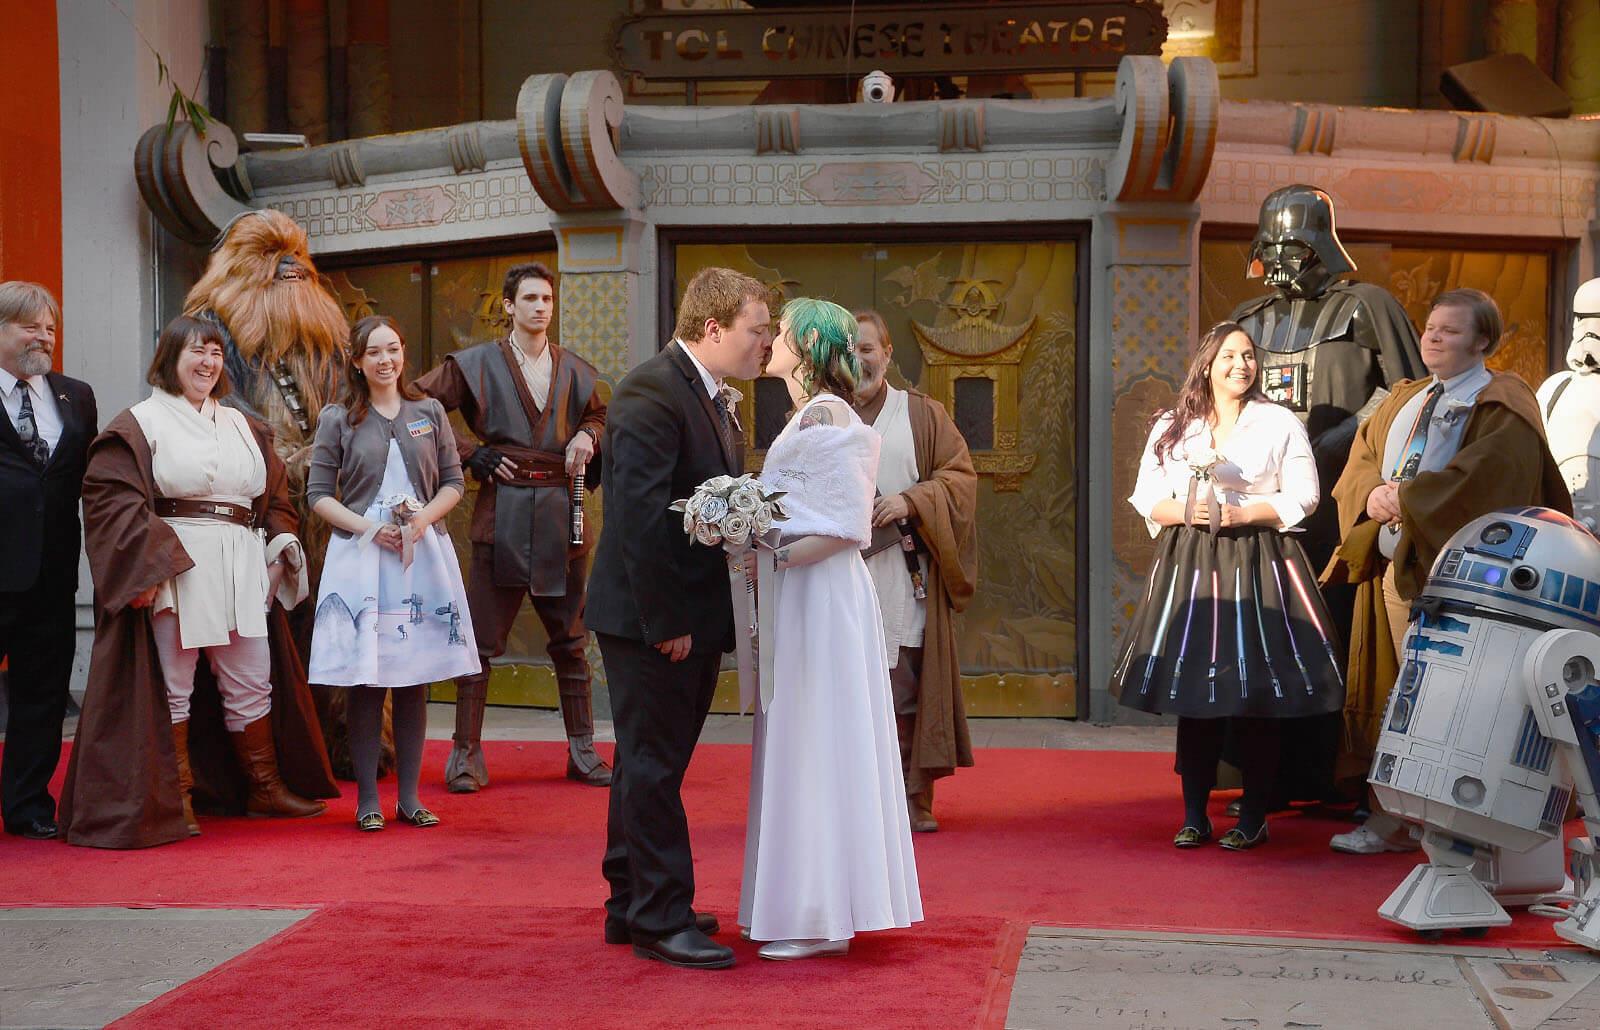 boda-inspirados-star-wars.jpg